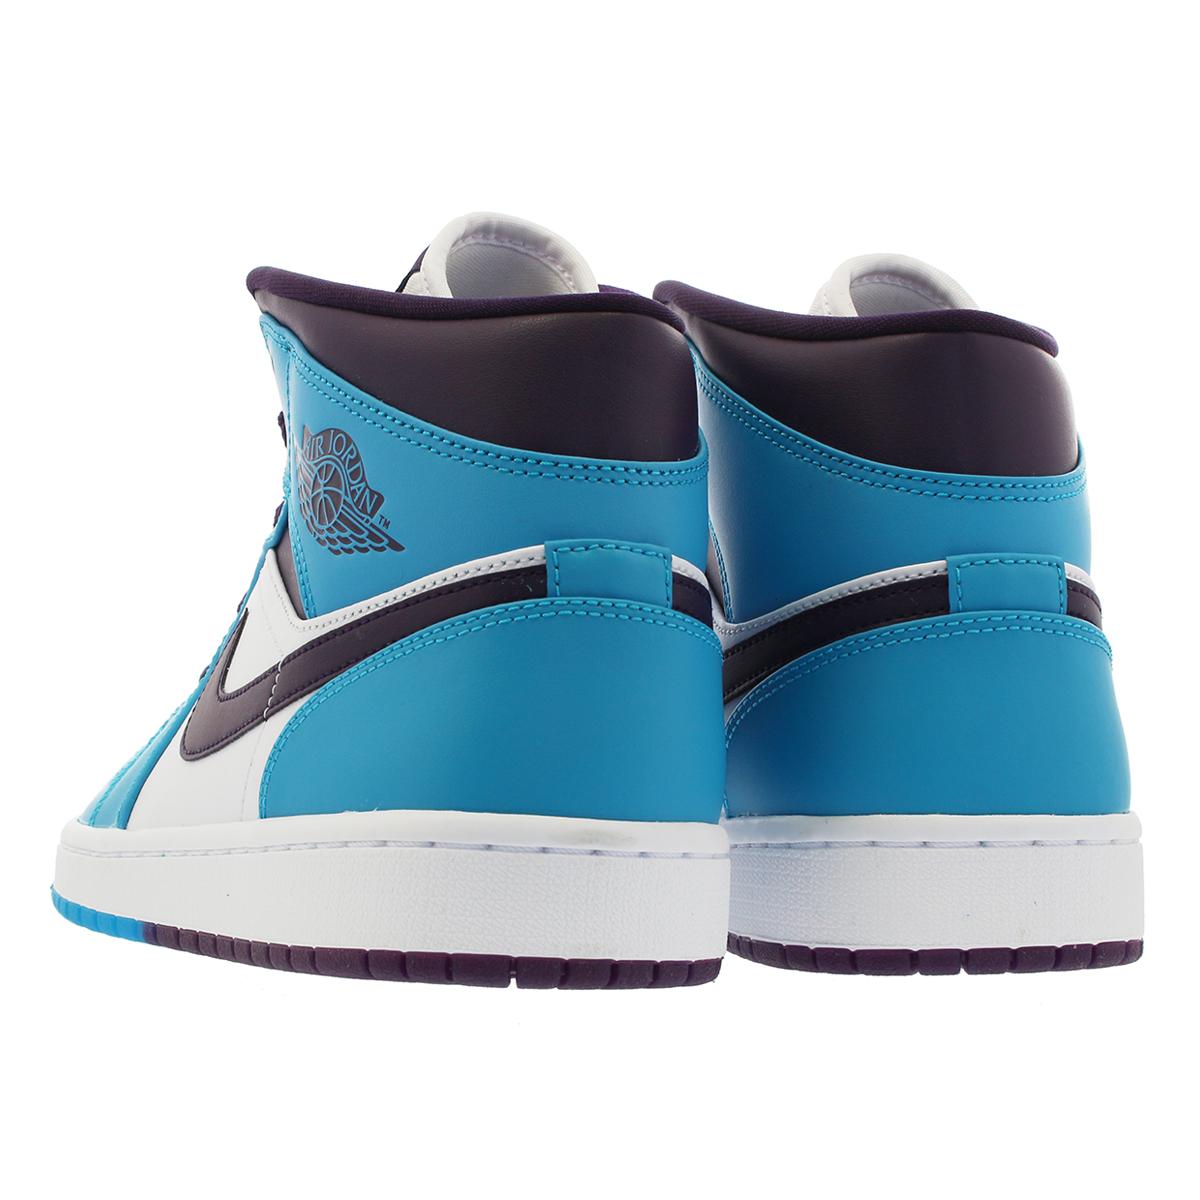 01db0aae677cc9 NIKE AIR JORDAN 1 MID Nike Air Jordan 1 mid BLUE LAGOON GRAND PURPLE WHITE